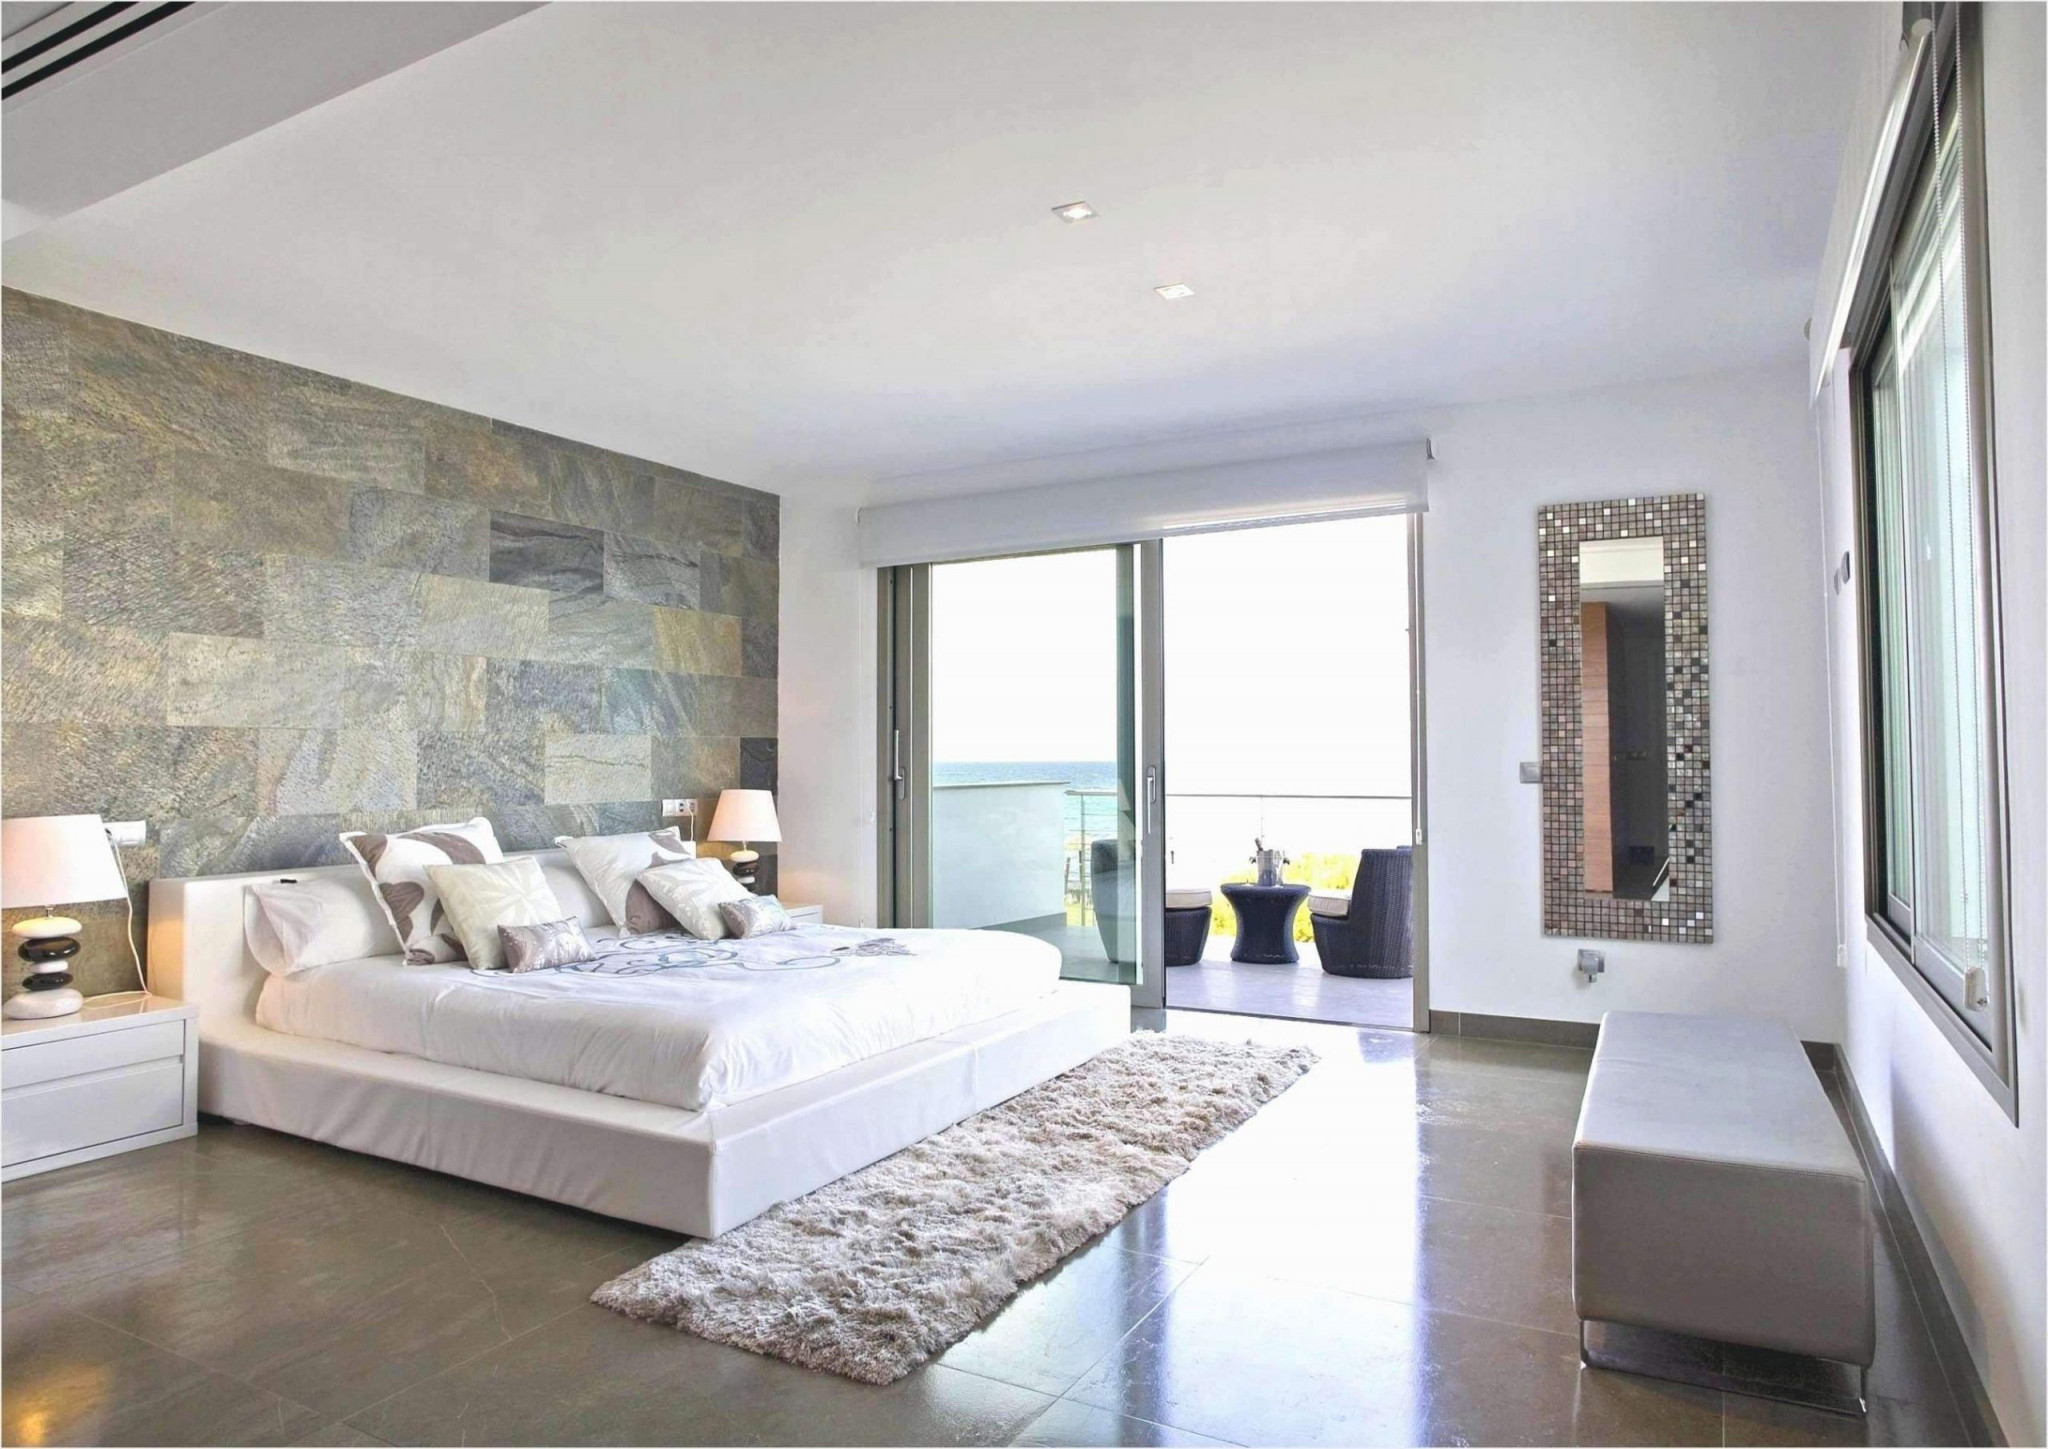 Vliestapeten Wohnzimmer Elegant Wohnzimmer  Wohnzimmer Frisch von Moderne Vliestapeten Wohnzimmer Bild